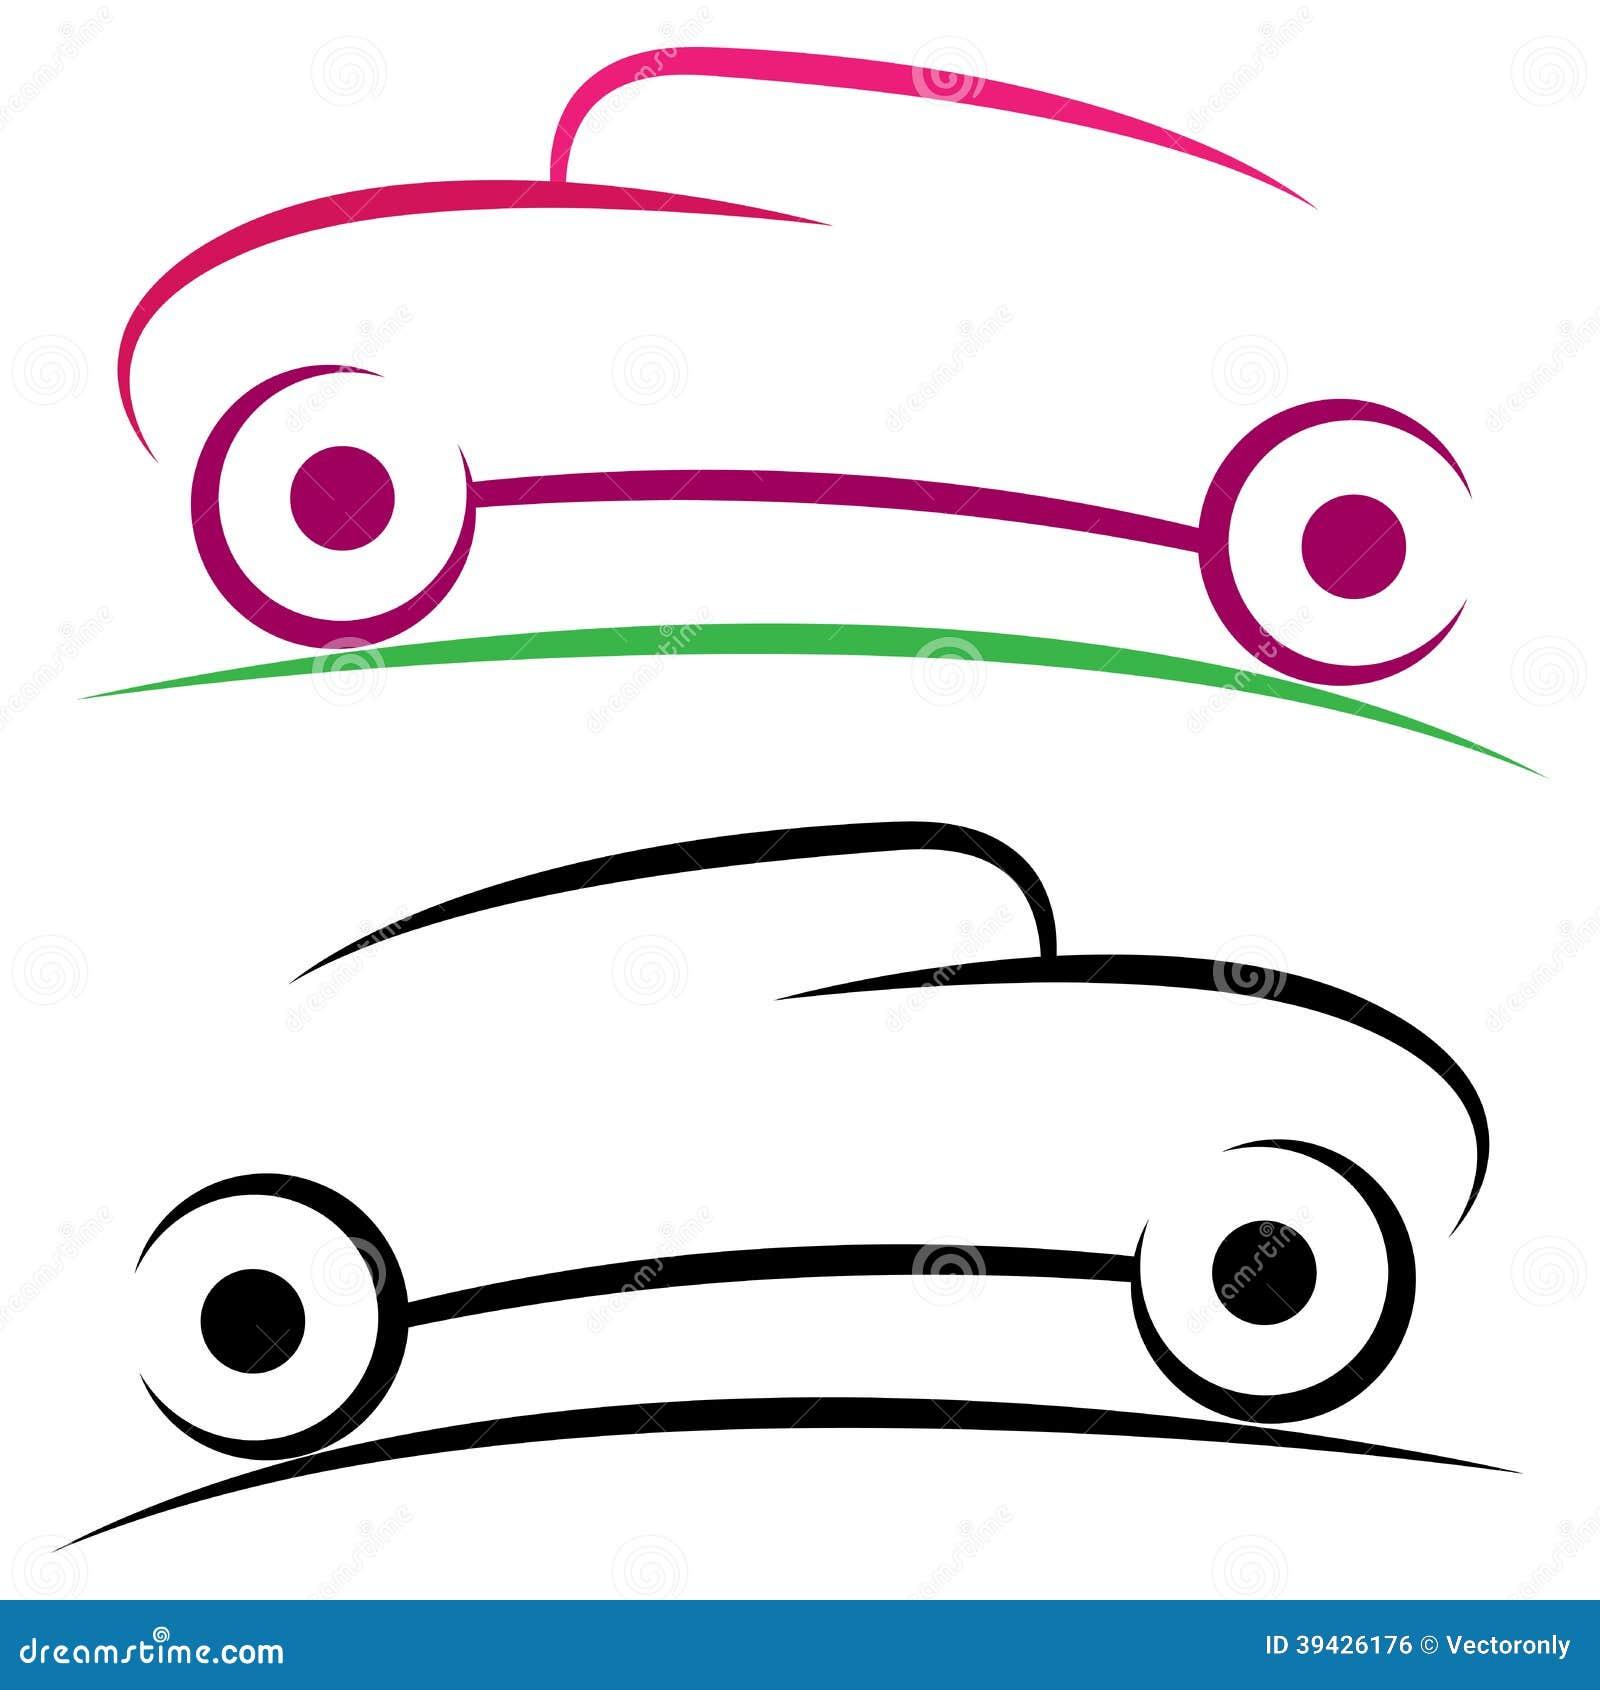 Car Logo Stock Vector - Image: 39426176